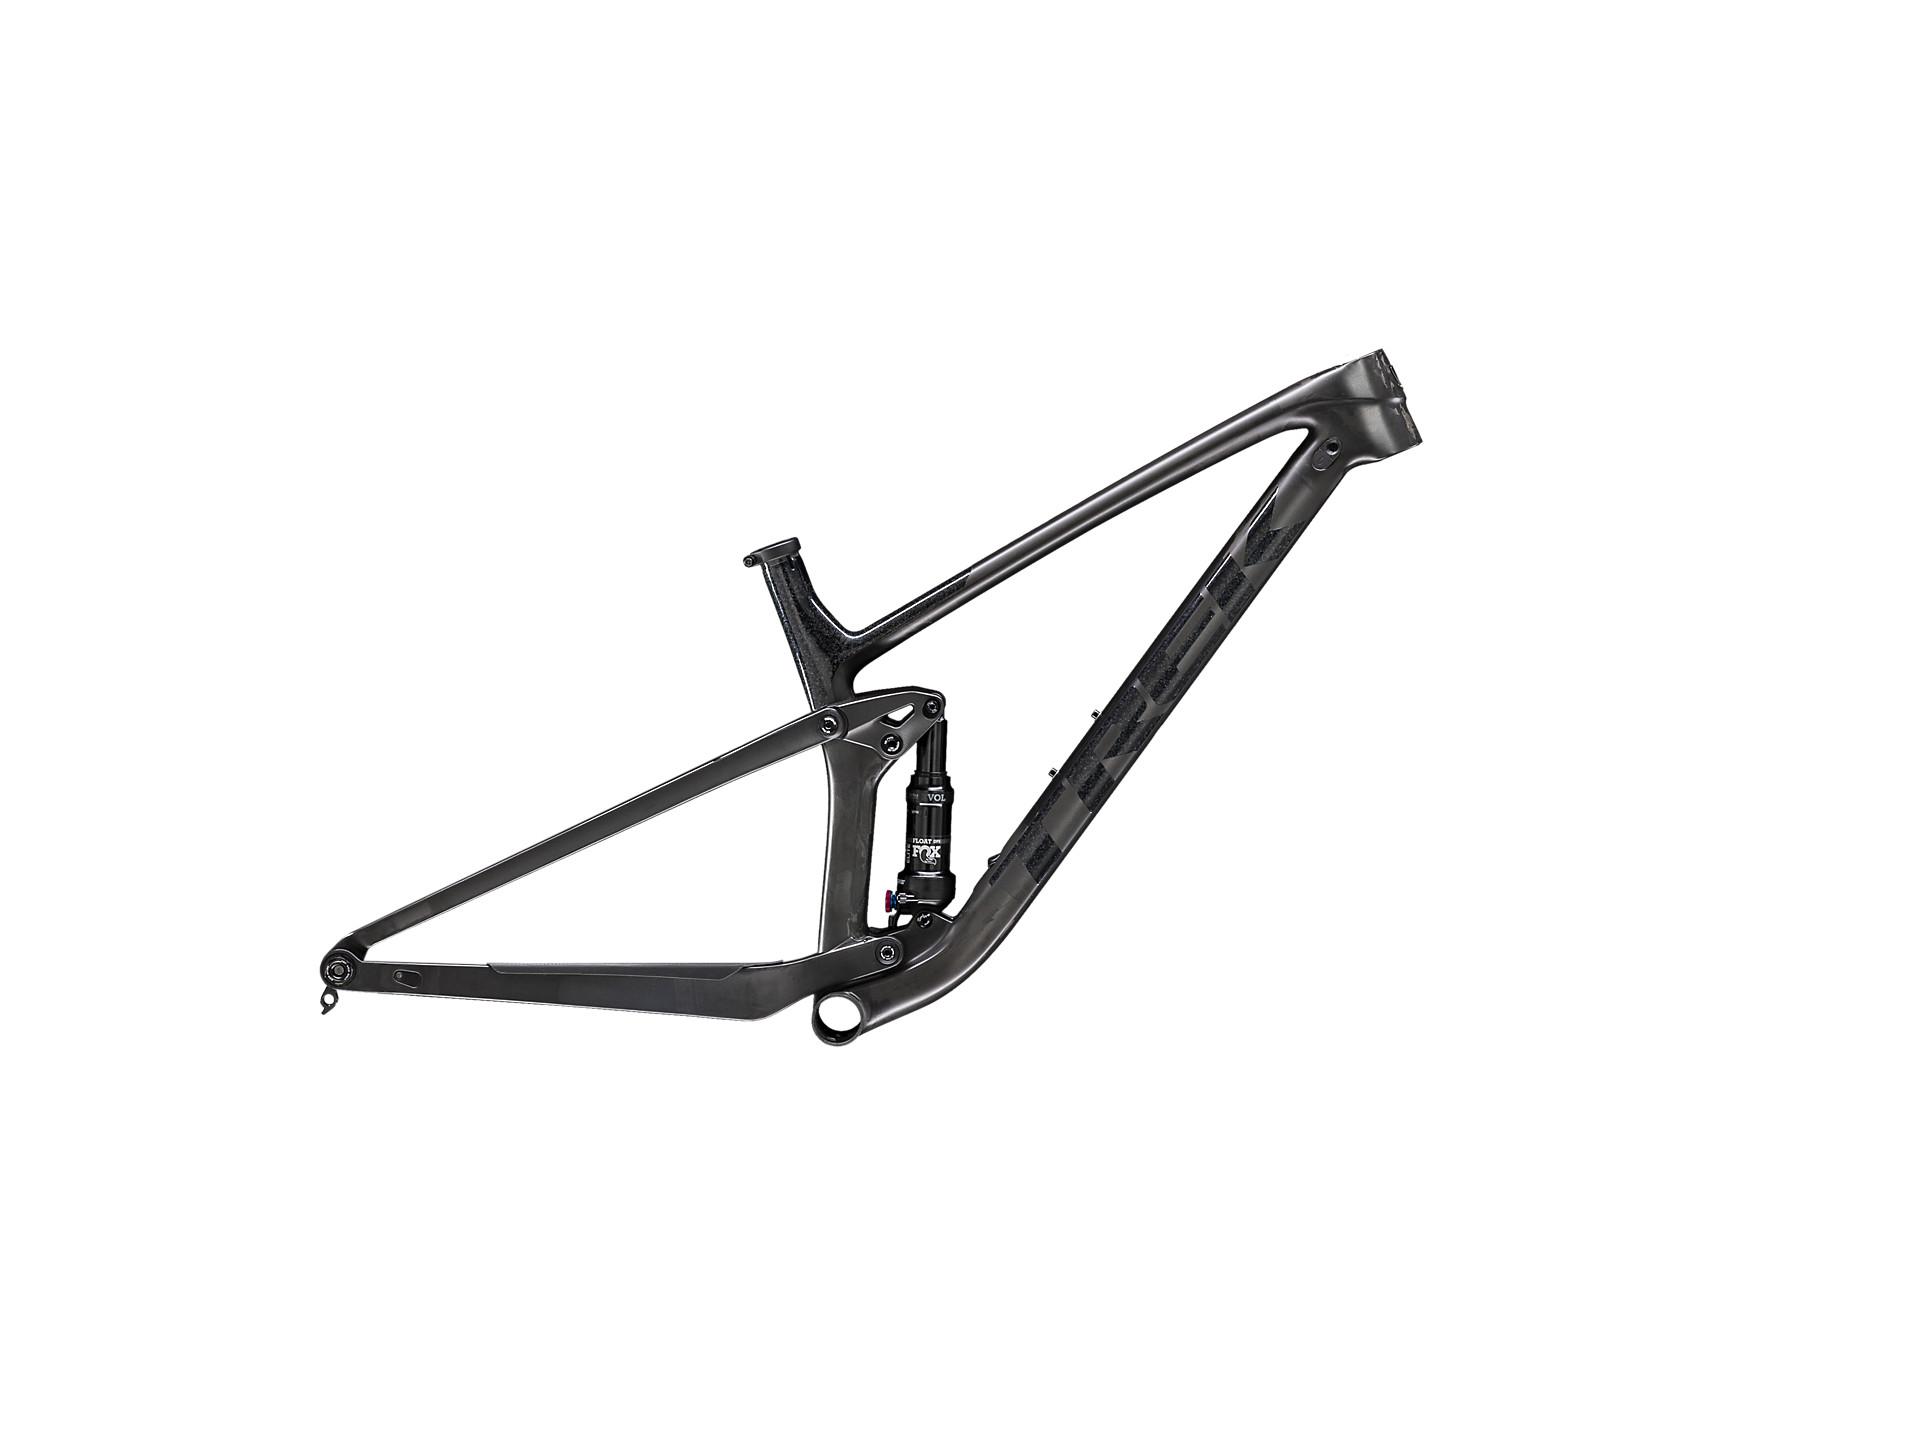 Knock Block Headtube Frame Armor For 2017 Frames